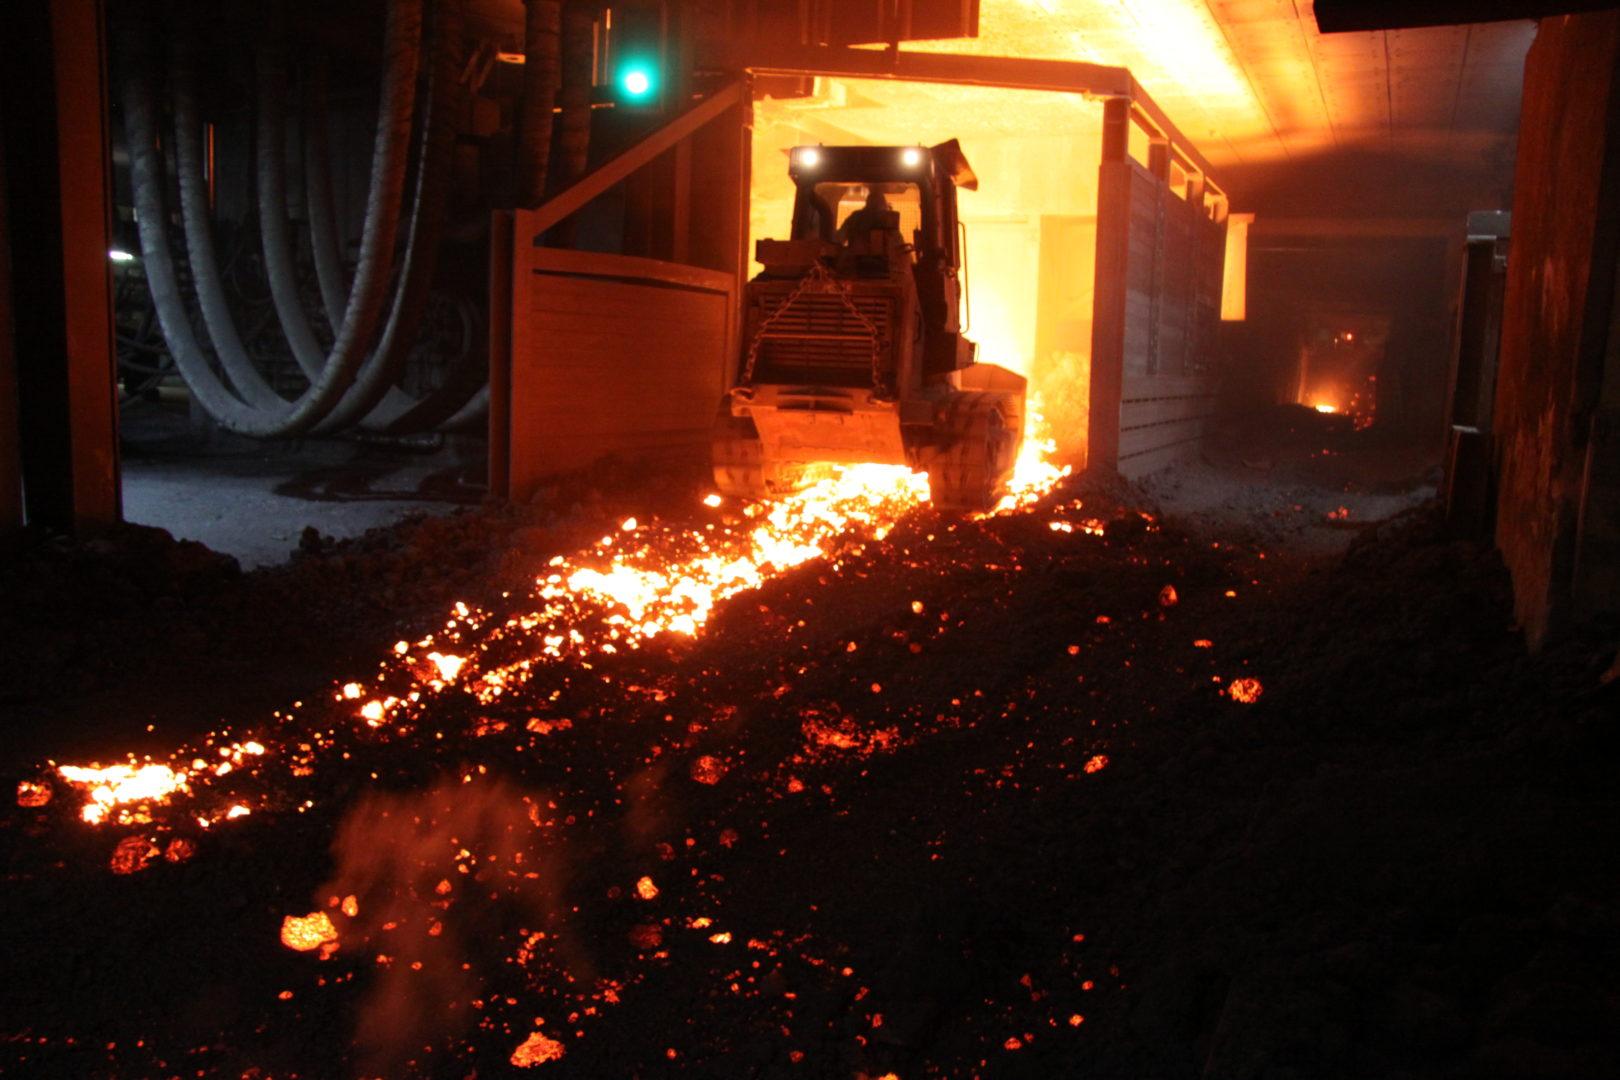 Beim Stahlwerk Peiner Träger in Peine arbeiten Cat Laderaupen vom Typ 973D am Limit: Sie laden glühend heiße Elektroofen-Schlacke, einem Nebenprodukt der Stahlproduktion. Bild: Caterpillar/Zeppelin